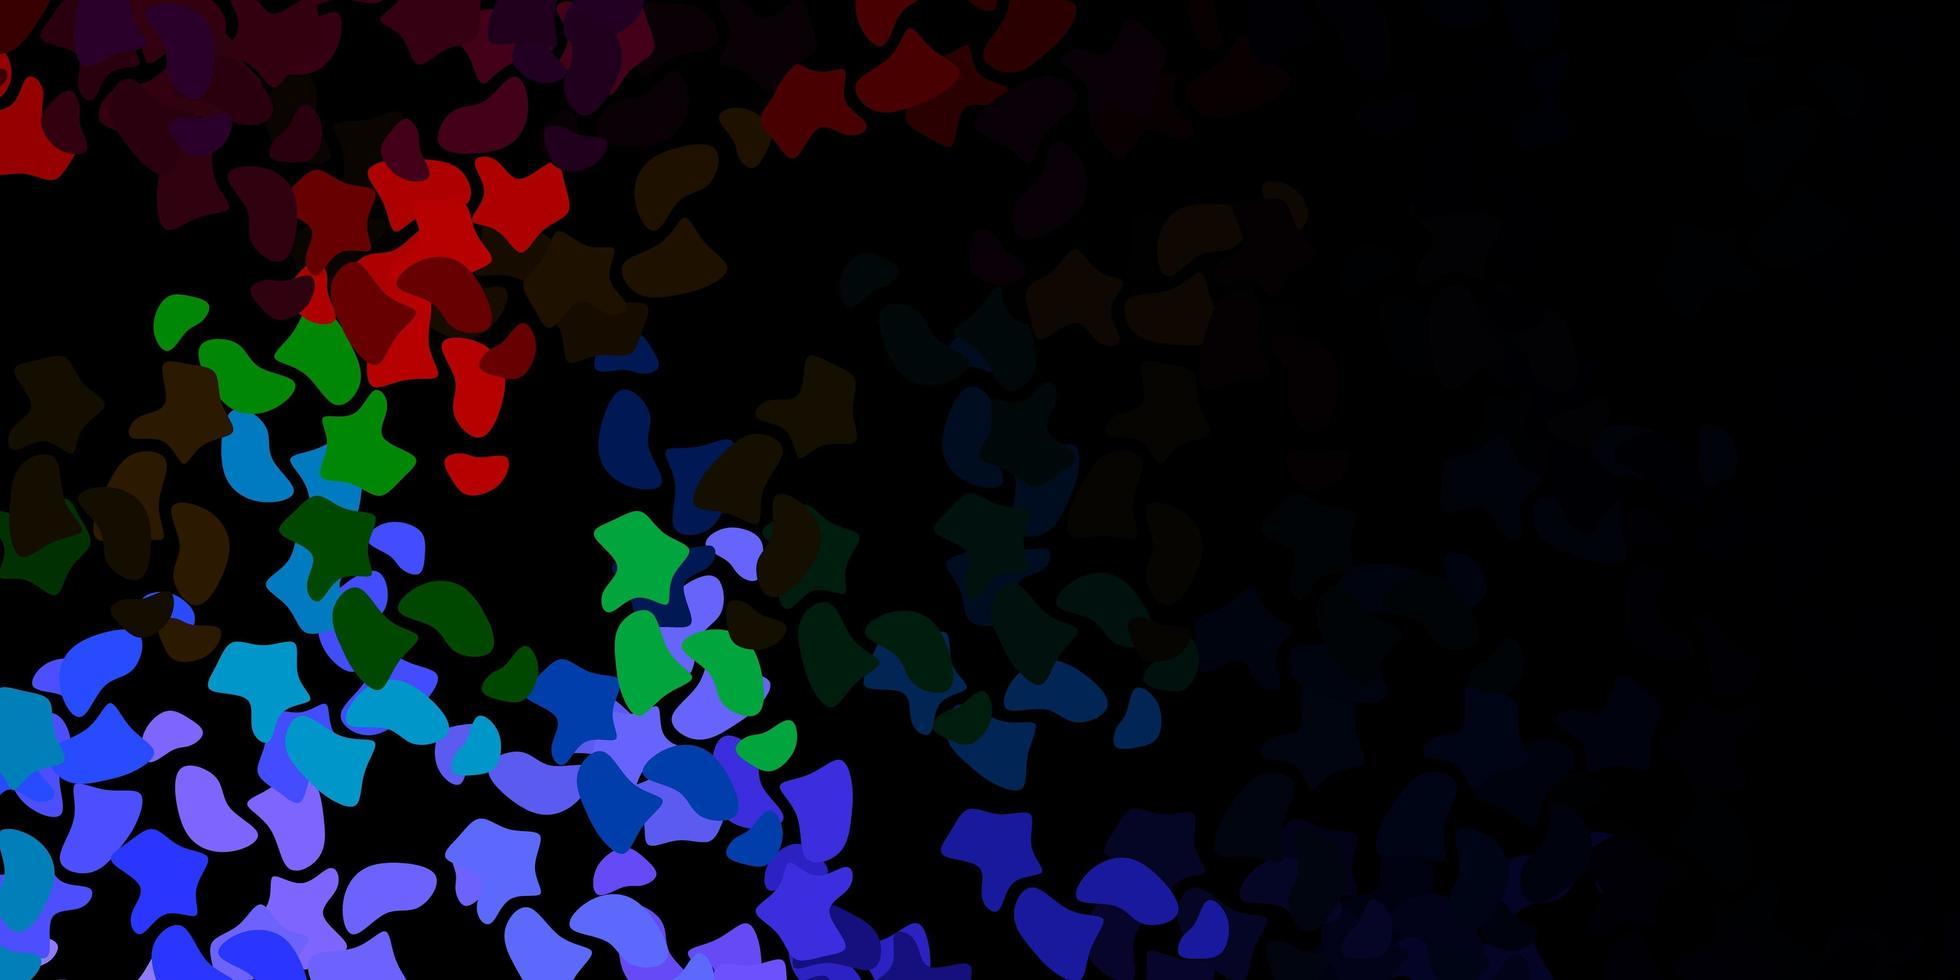 toile de fond de vecteur multicolore sombre avec des formes chaotiques.